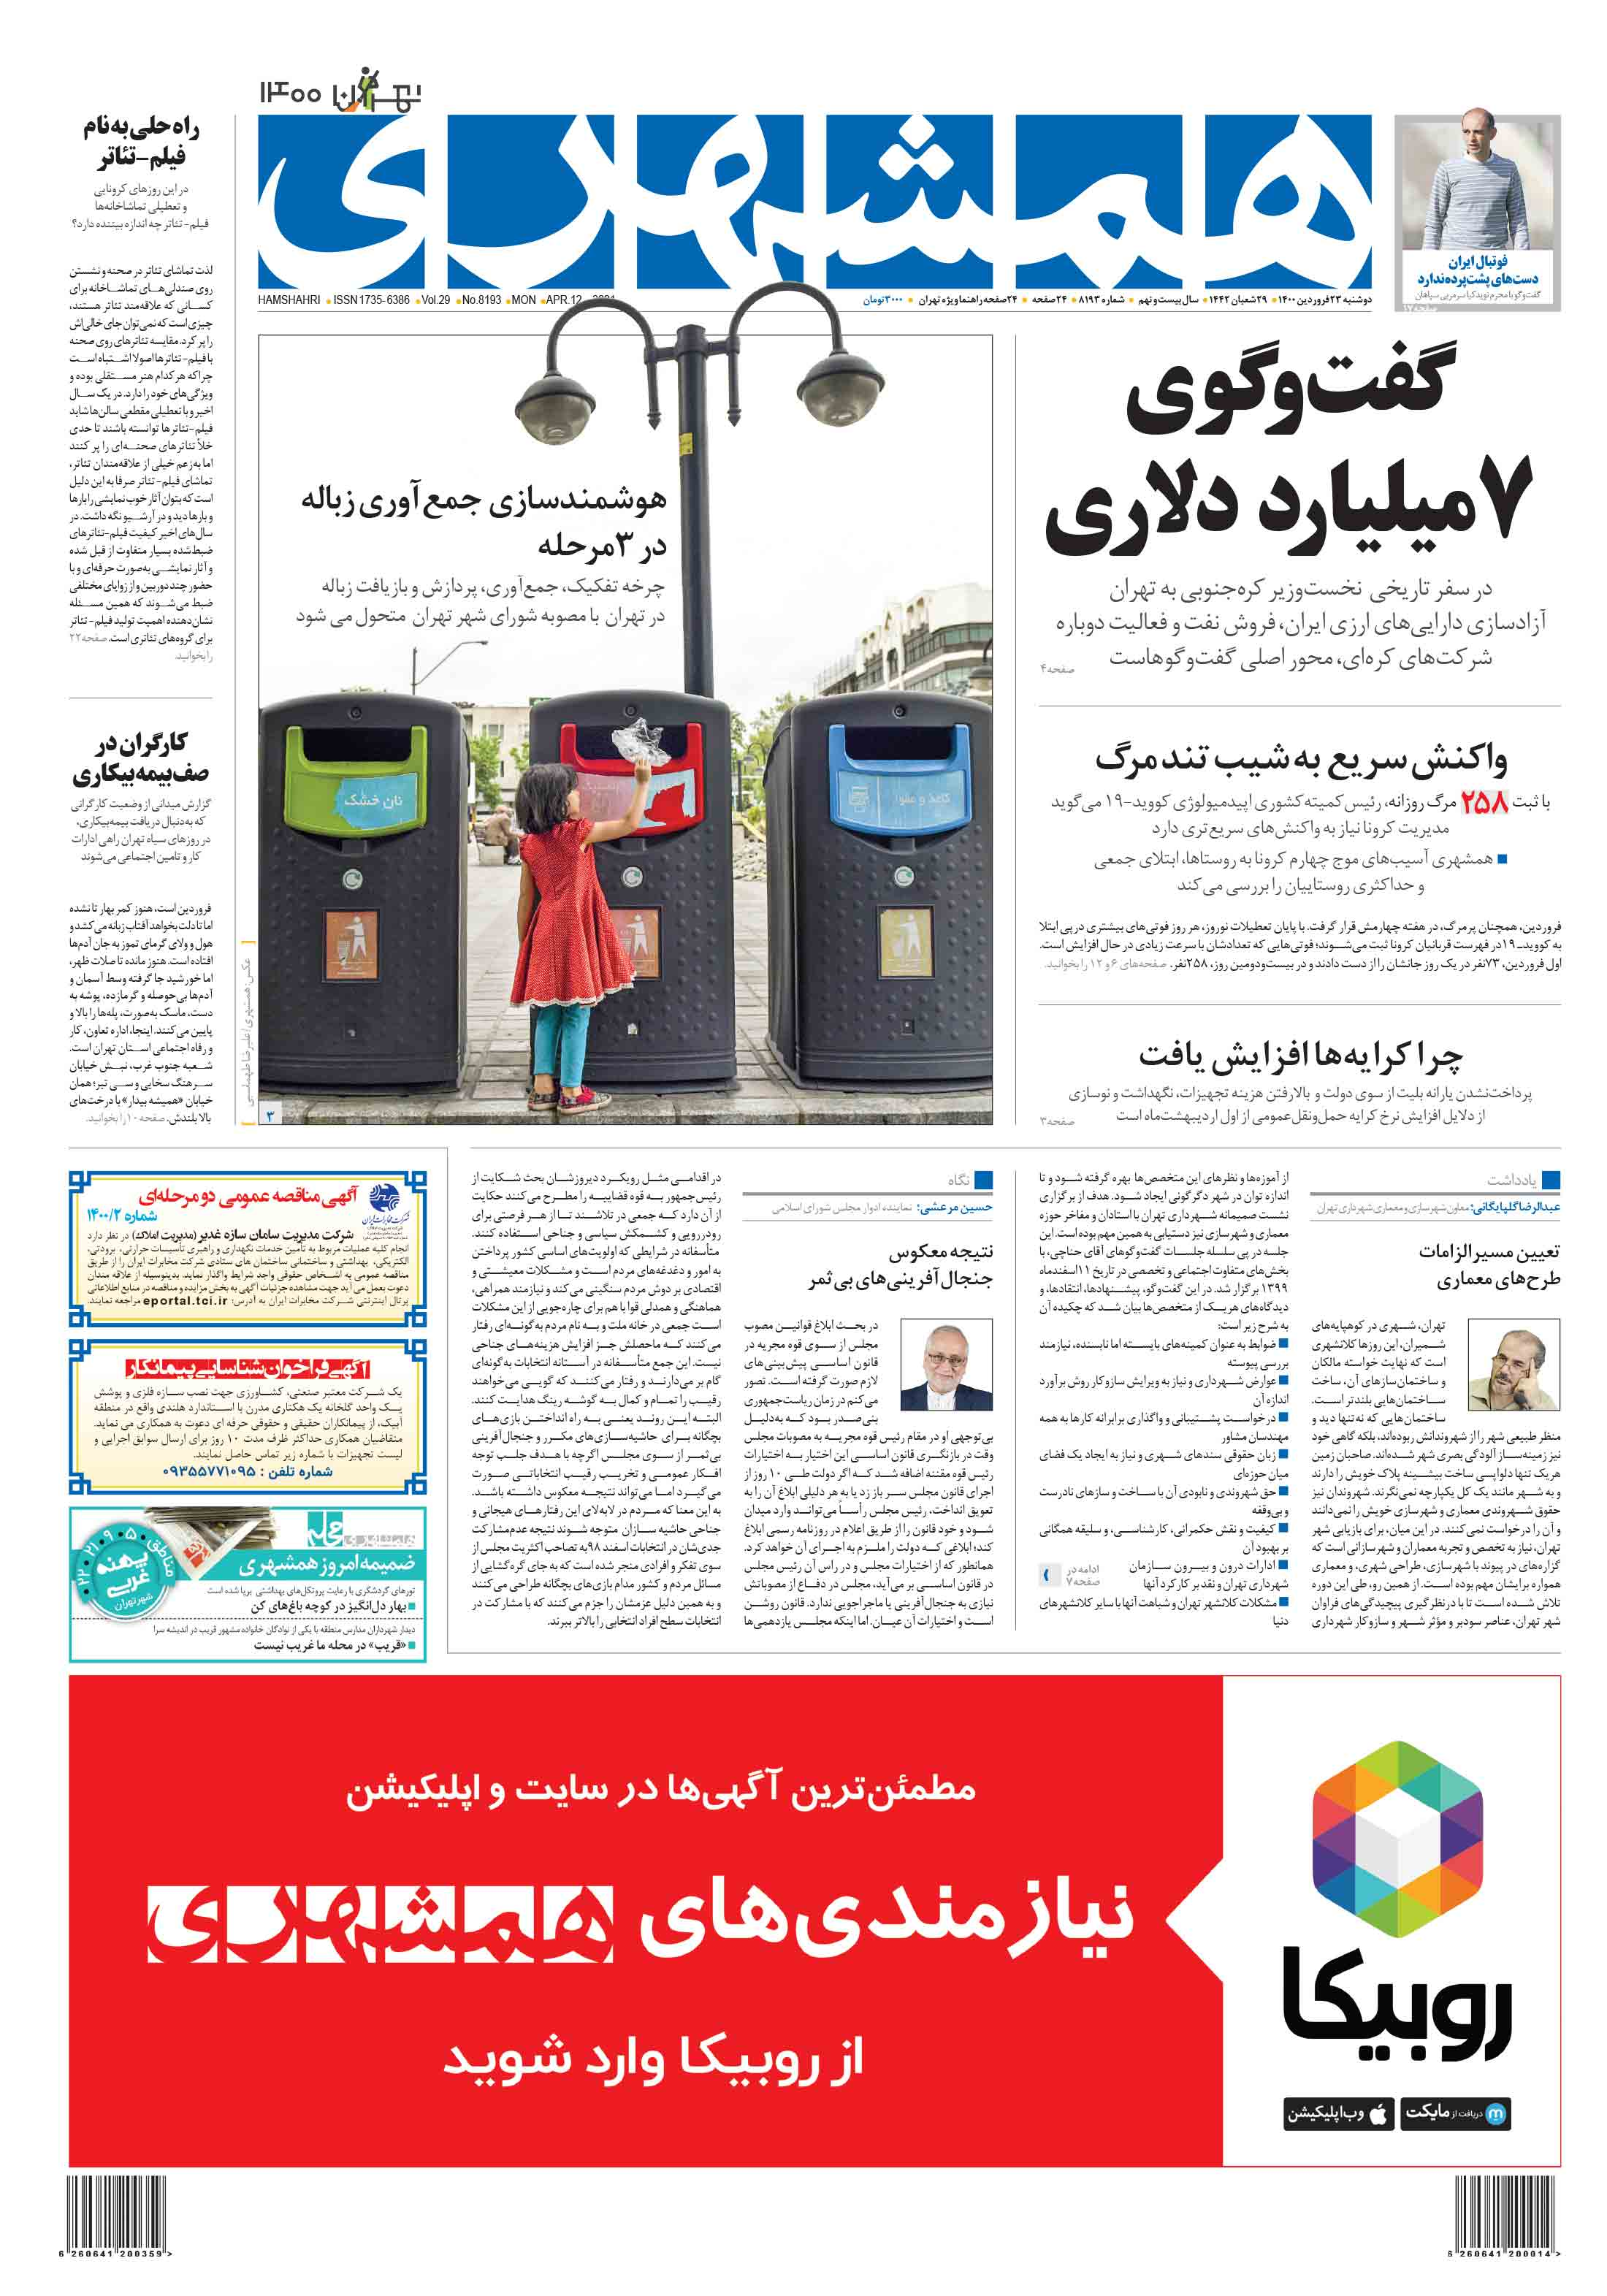 صفحه اول دوشنبه 23 فروردین 1400